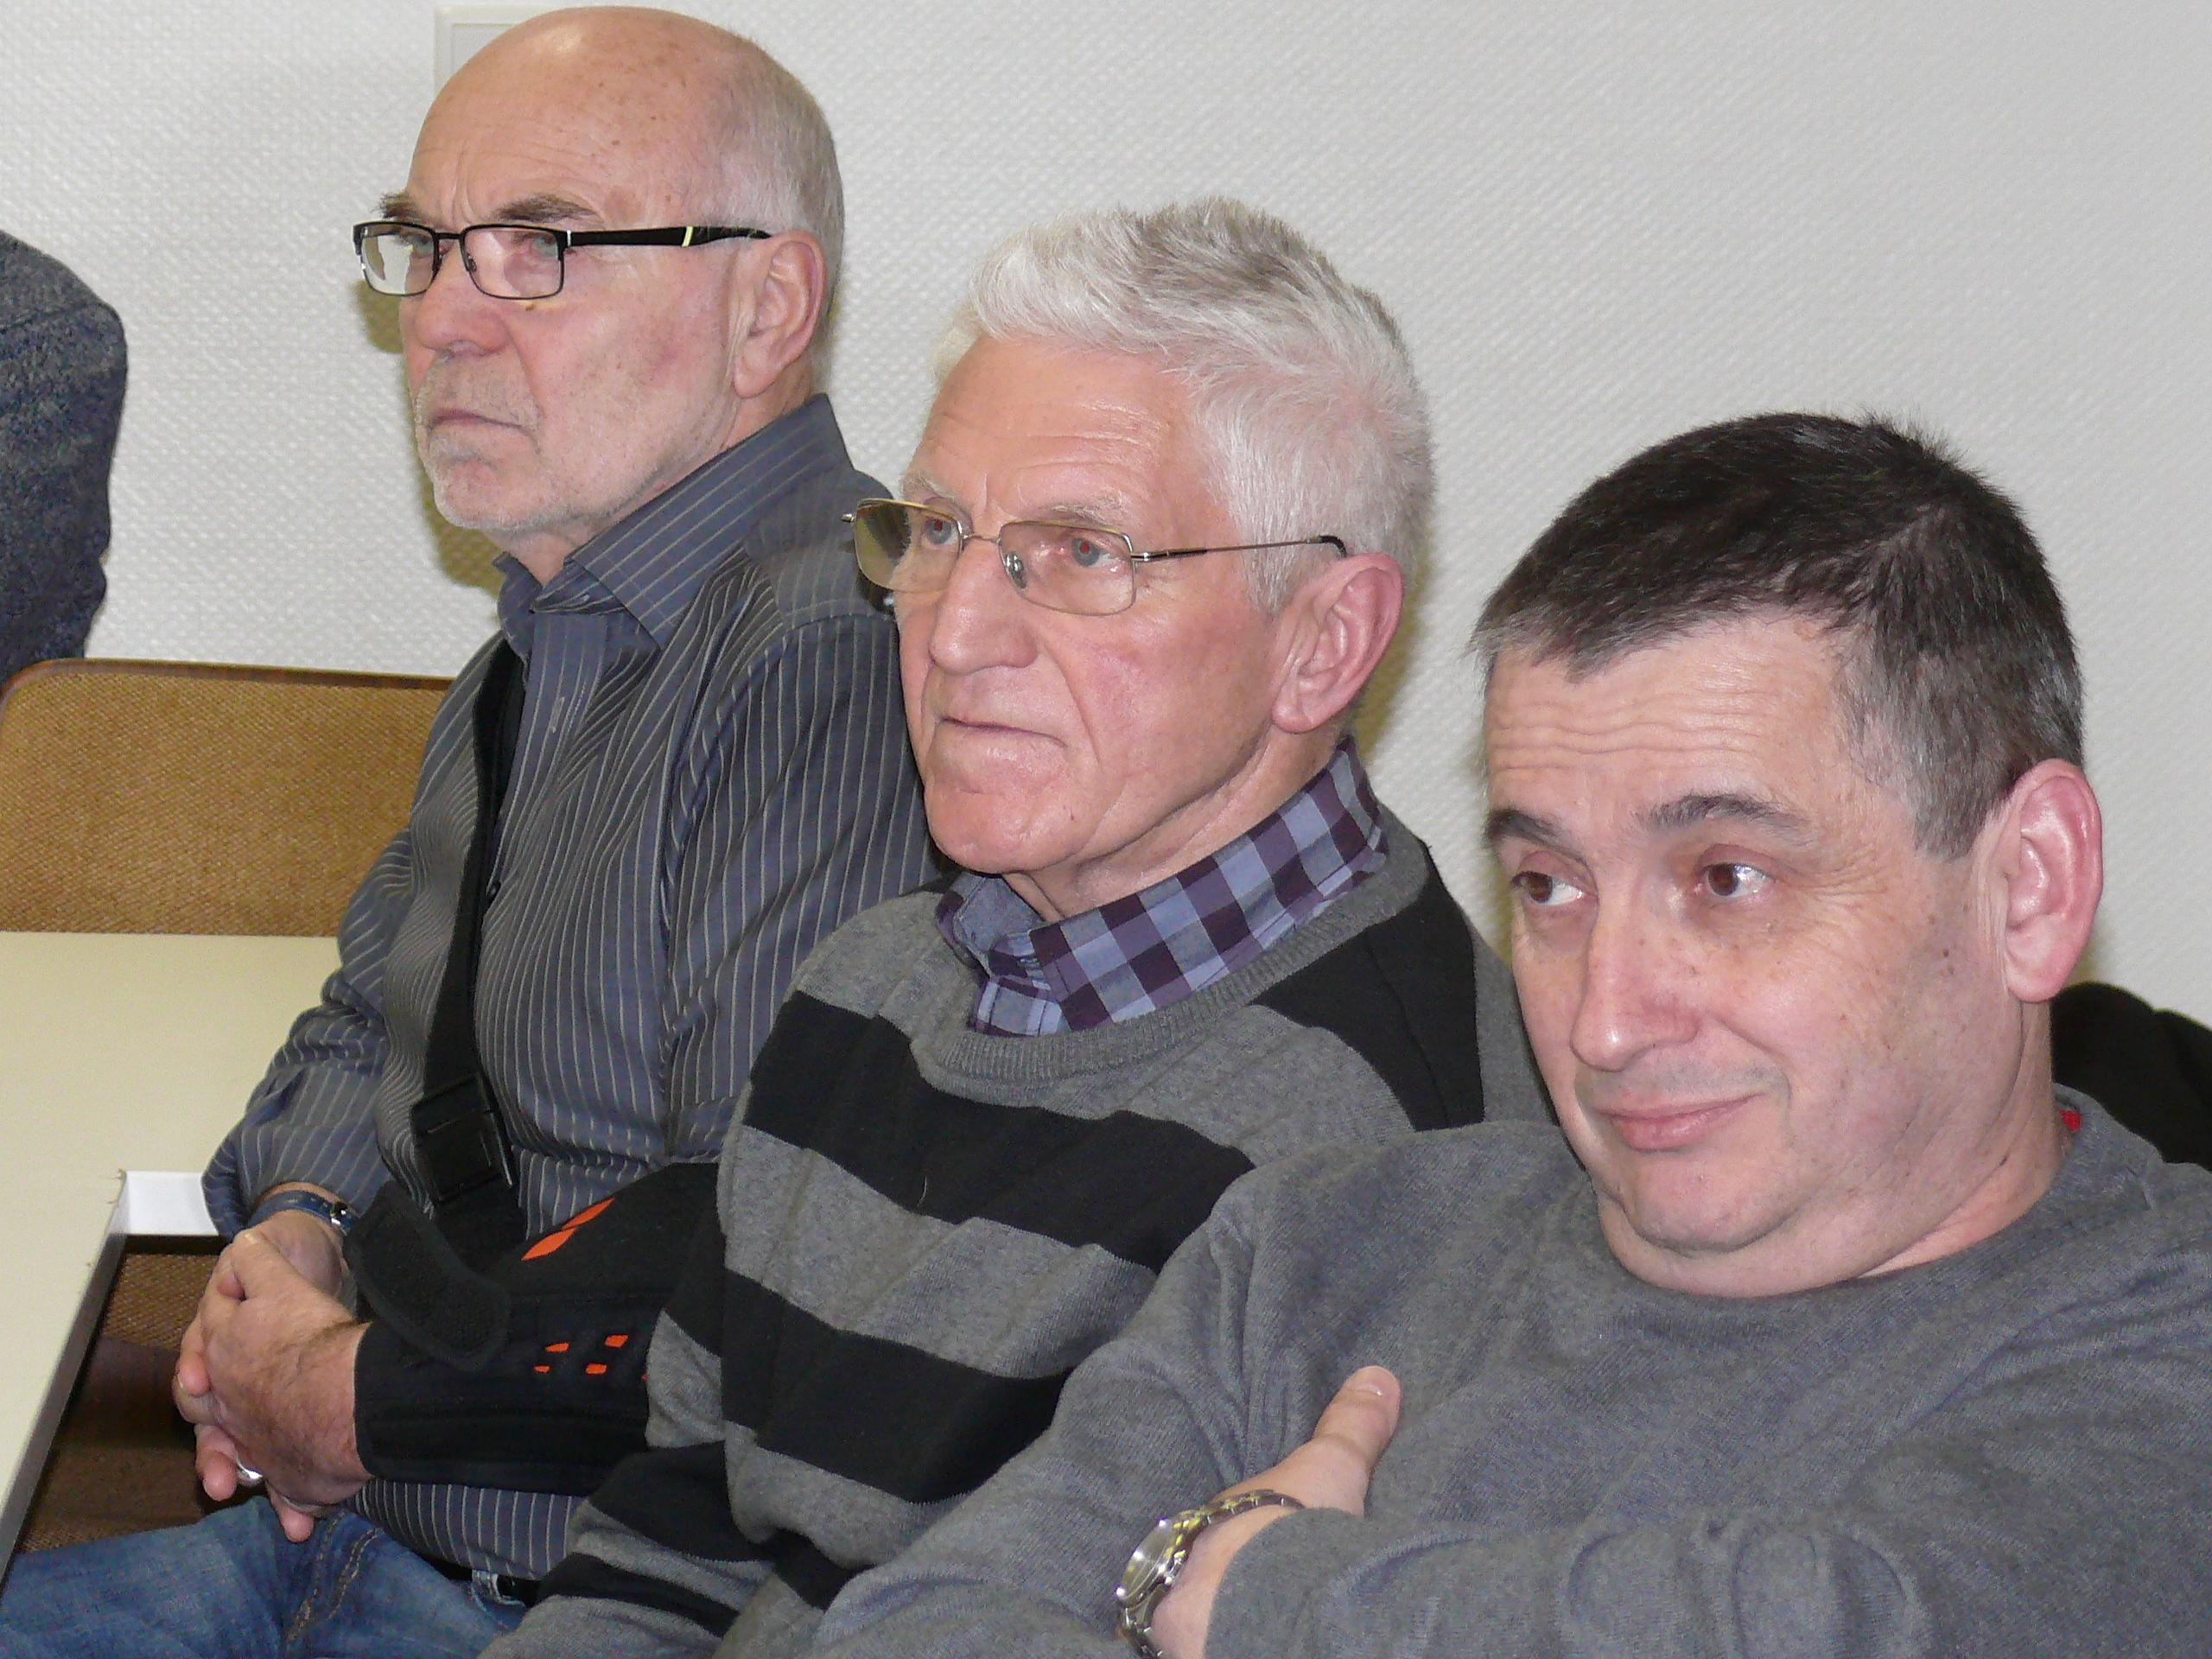 Die bisherigen Ortsbeiräte, hier im Bild (von links) Robert Lenhardt, Manfred Reipa und Volker Harres, verfolgen gespannt die vielen Fragen und Stellungnahmen der Neuschlößer.